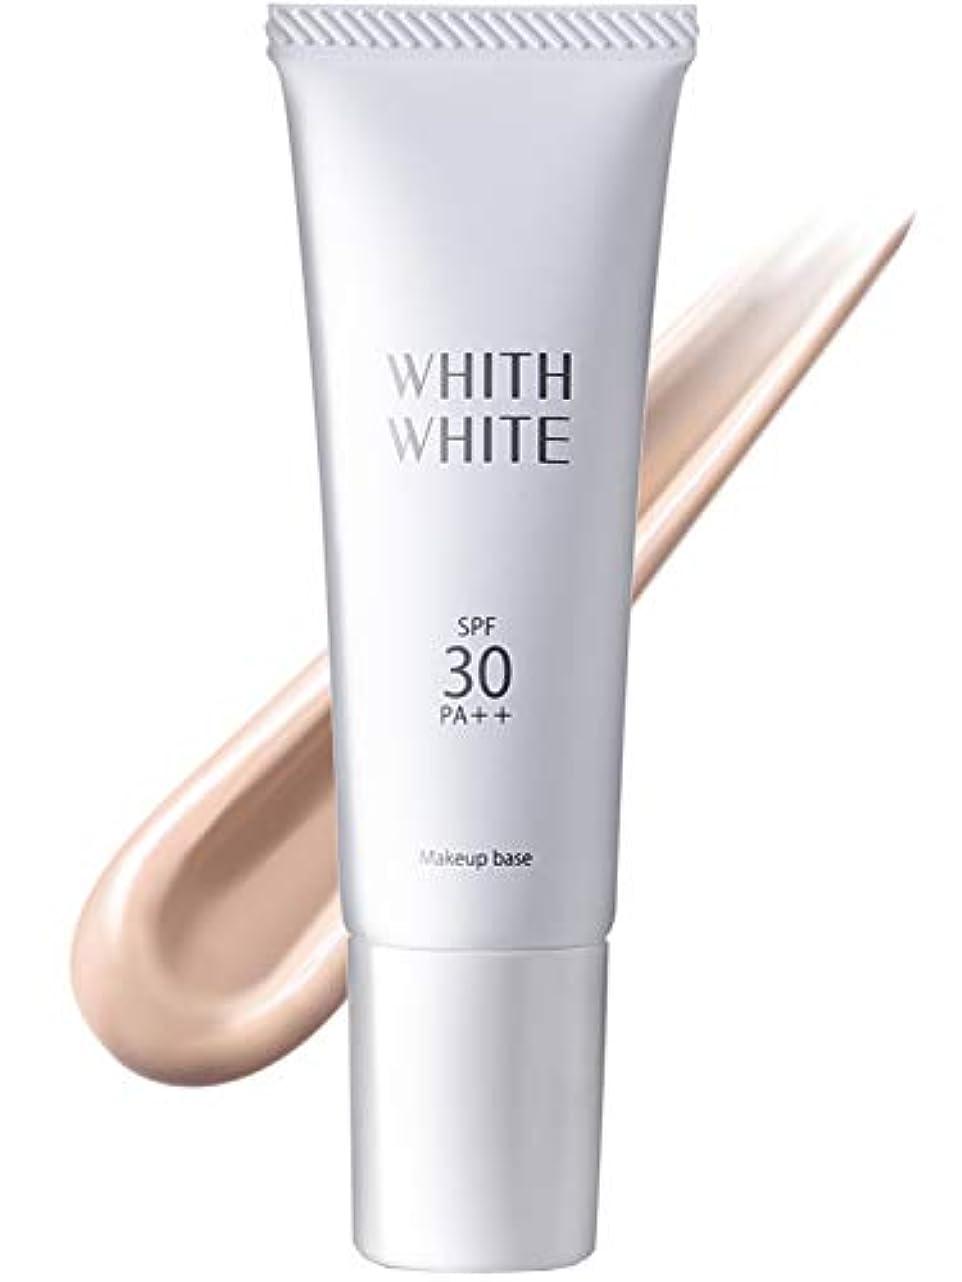 前進聞きます形式BBクリーム 化粧下地 医薬部外品 フィス 美白 「 ニキビ しわ 毛穴 皮膚テカリ 」「 ヒアルロン酸 プラセンタ 配合 」「 美白 と 保湿 のW獲り 」25g